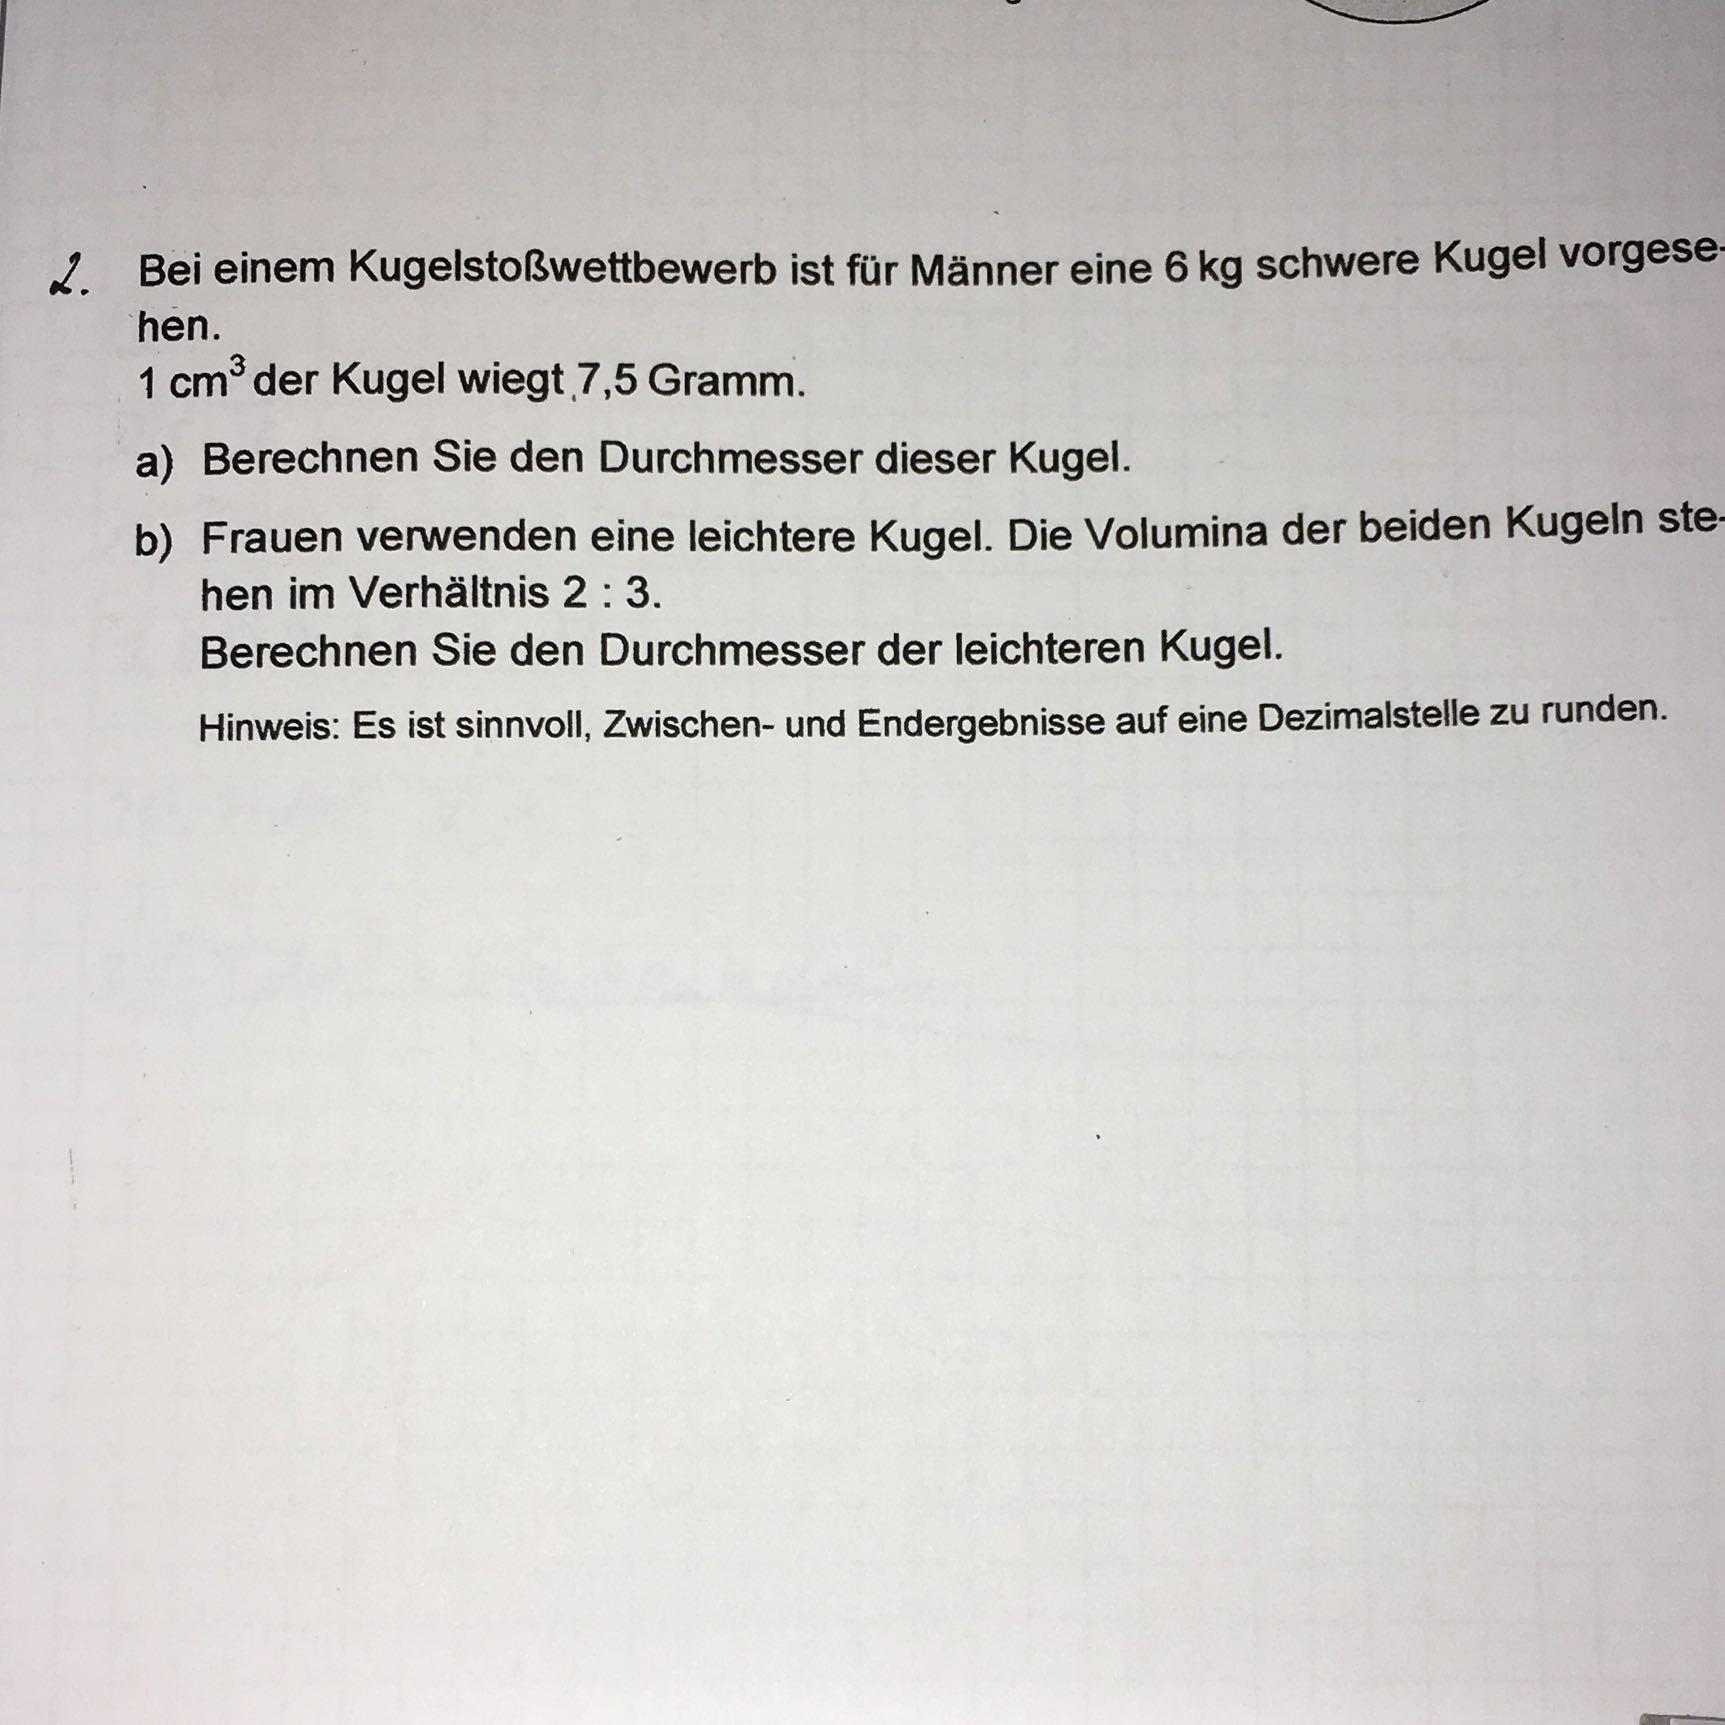 Ungewöhnlich Ãœbersetzung Ks2 Arbeitsblatt Zeitgenössisch - Mathe ...